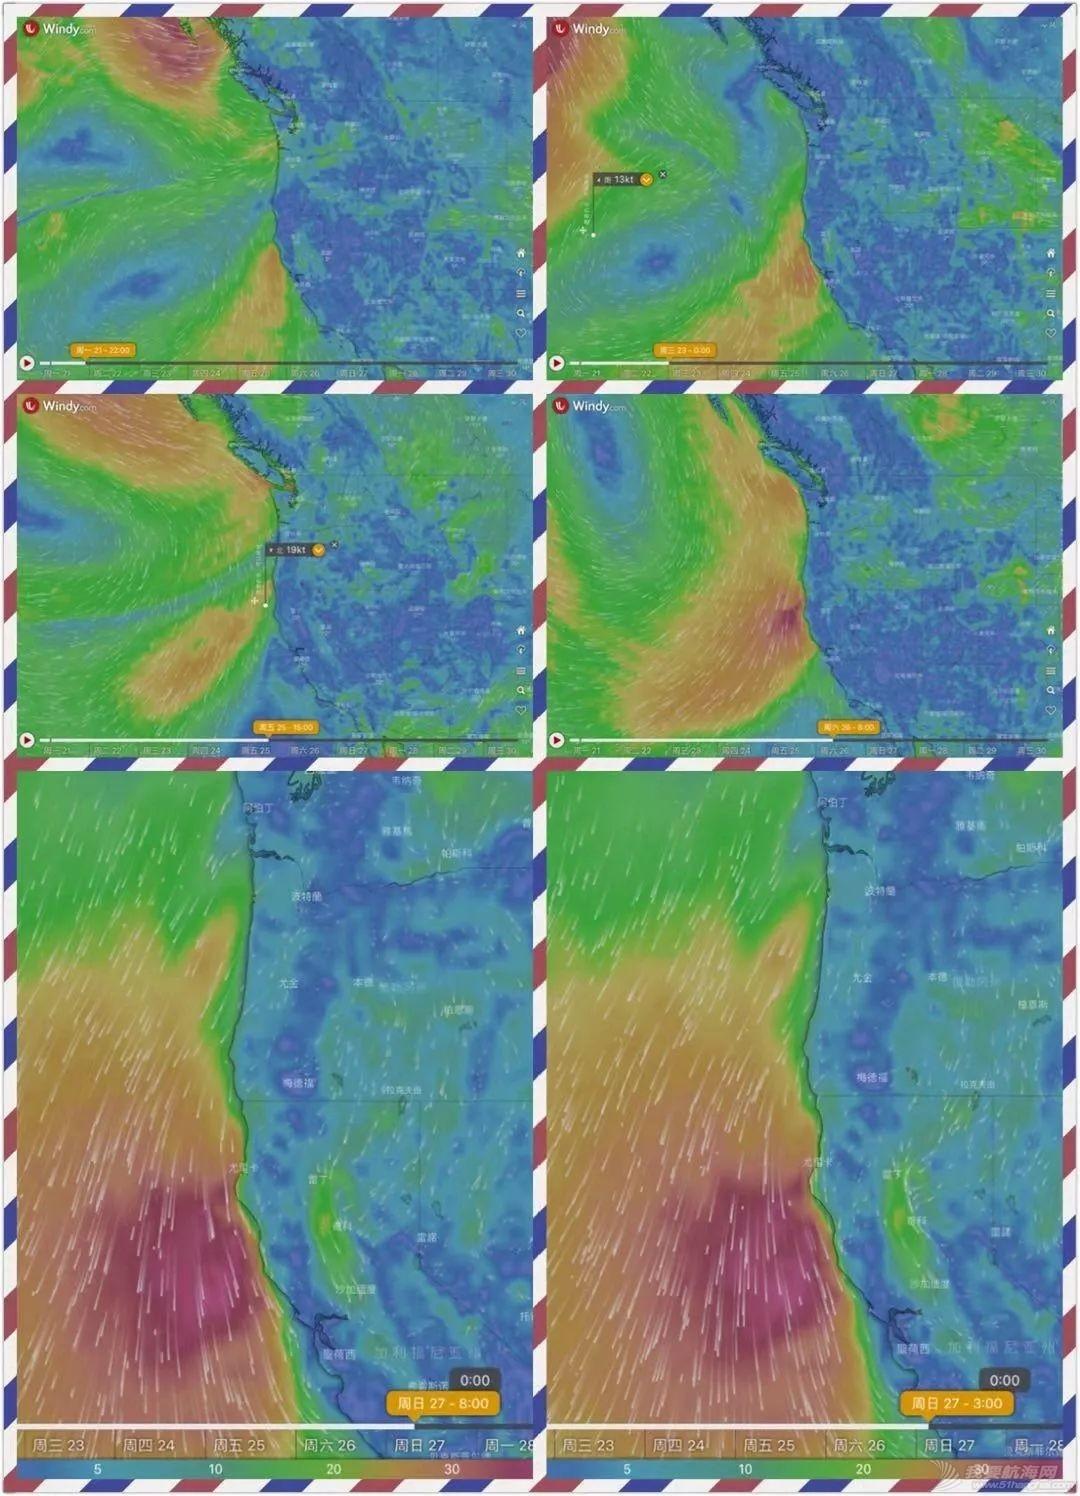 和风竞速的800海里w3.jpg